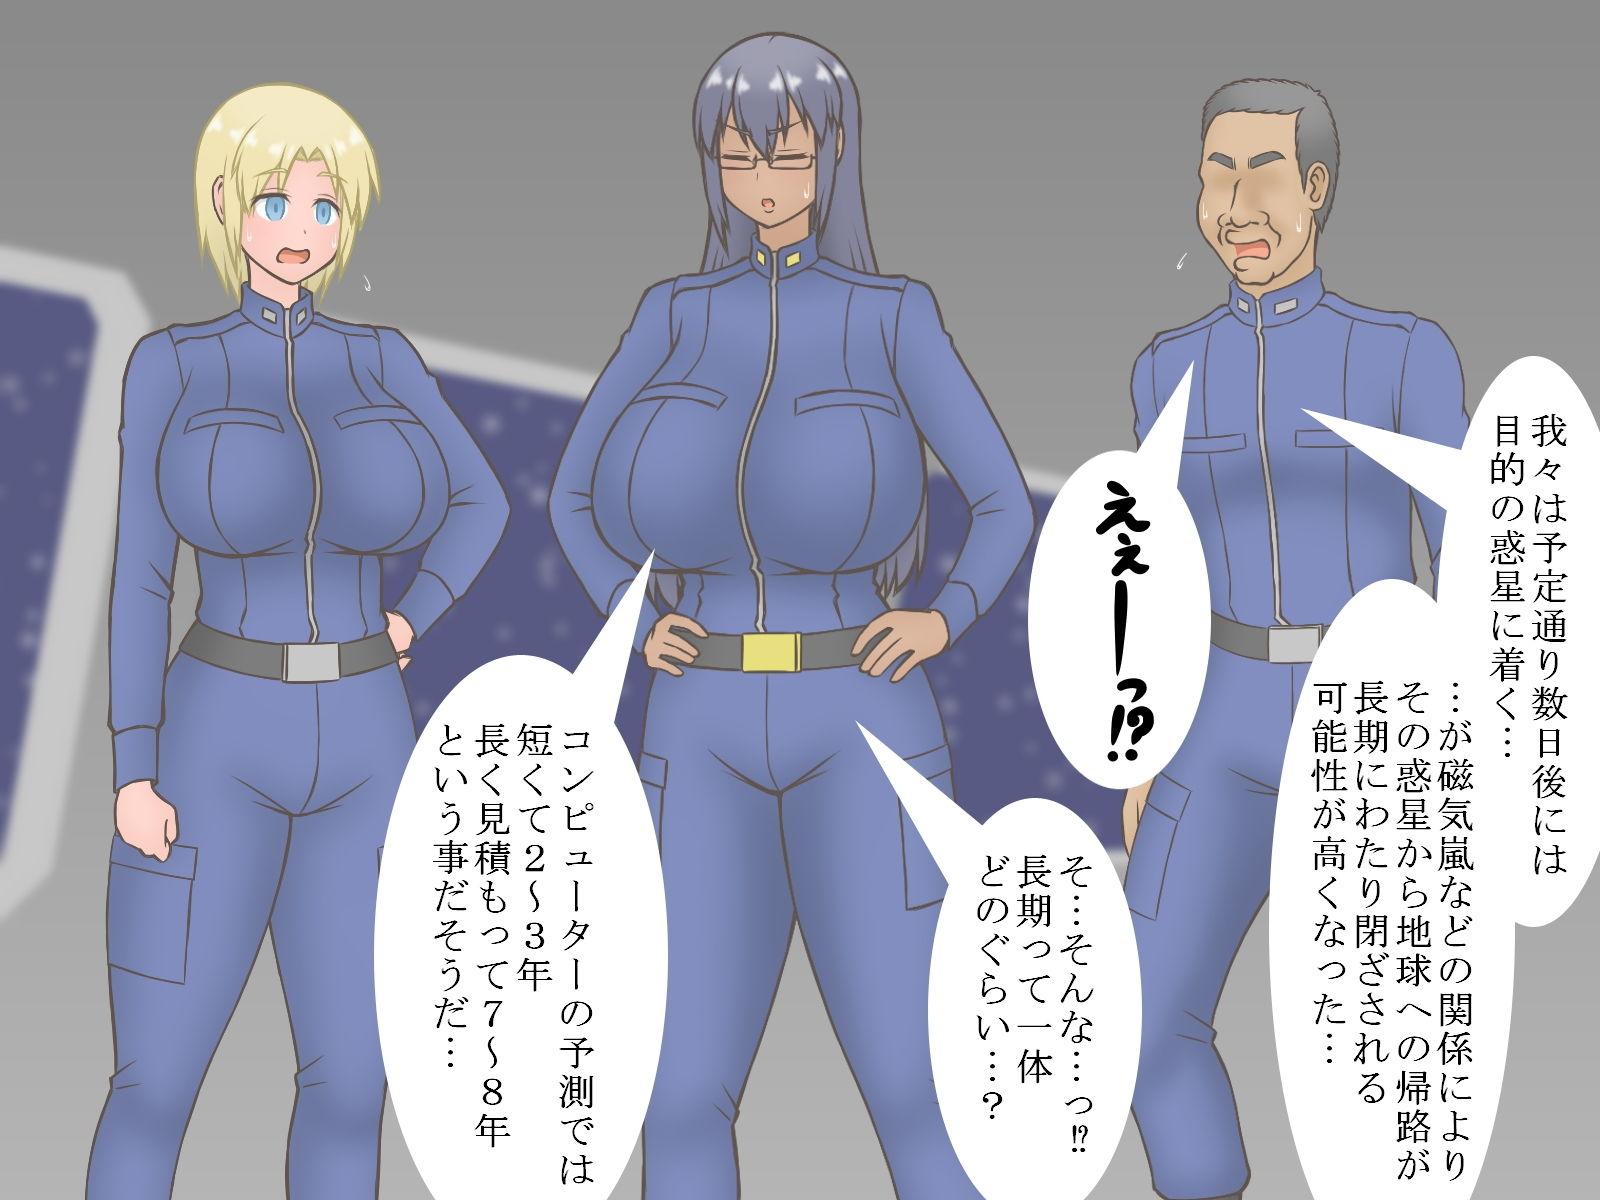 命令「子づくりせよ」〜男女の宇宙飛行士が遭難先の惑星で子孫繁栄〜